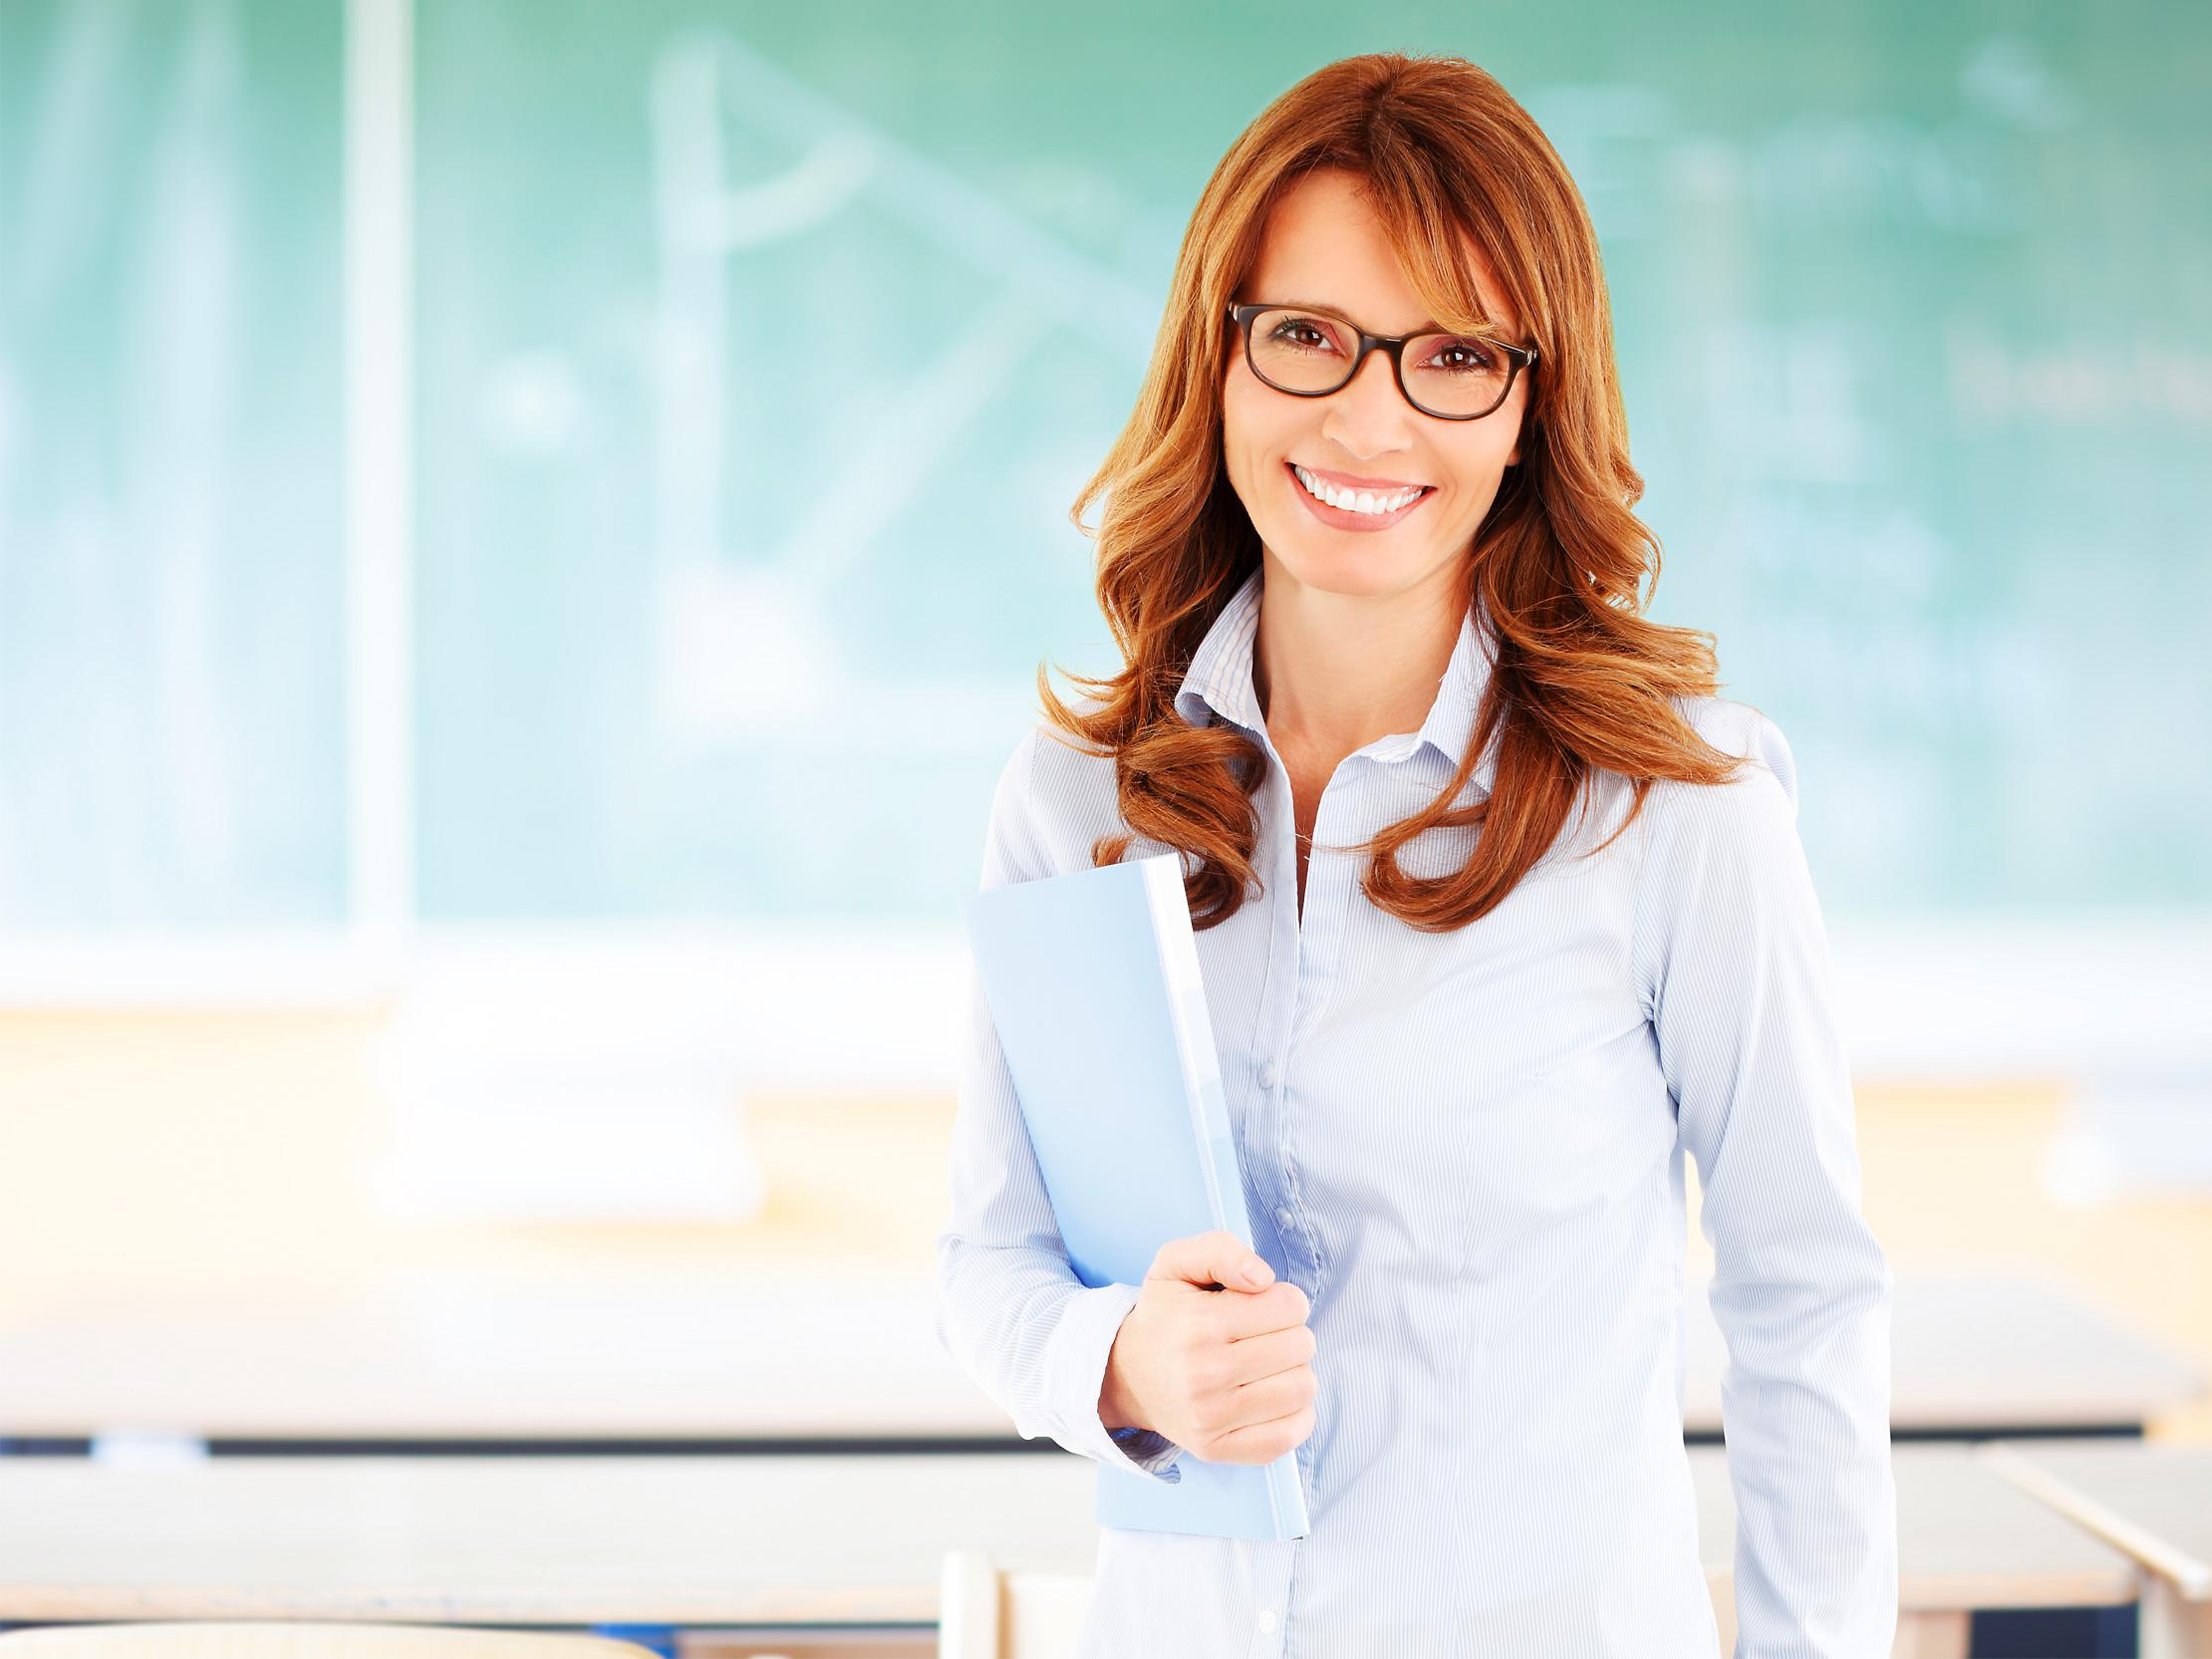 5 færdigheder du behøver for at coache andre